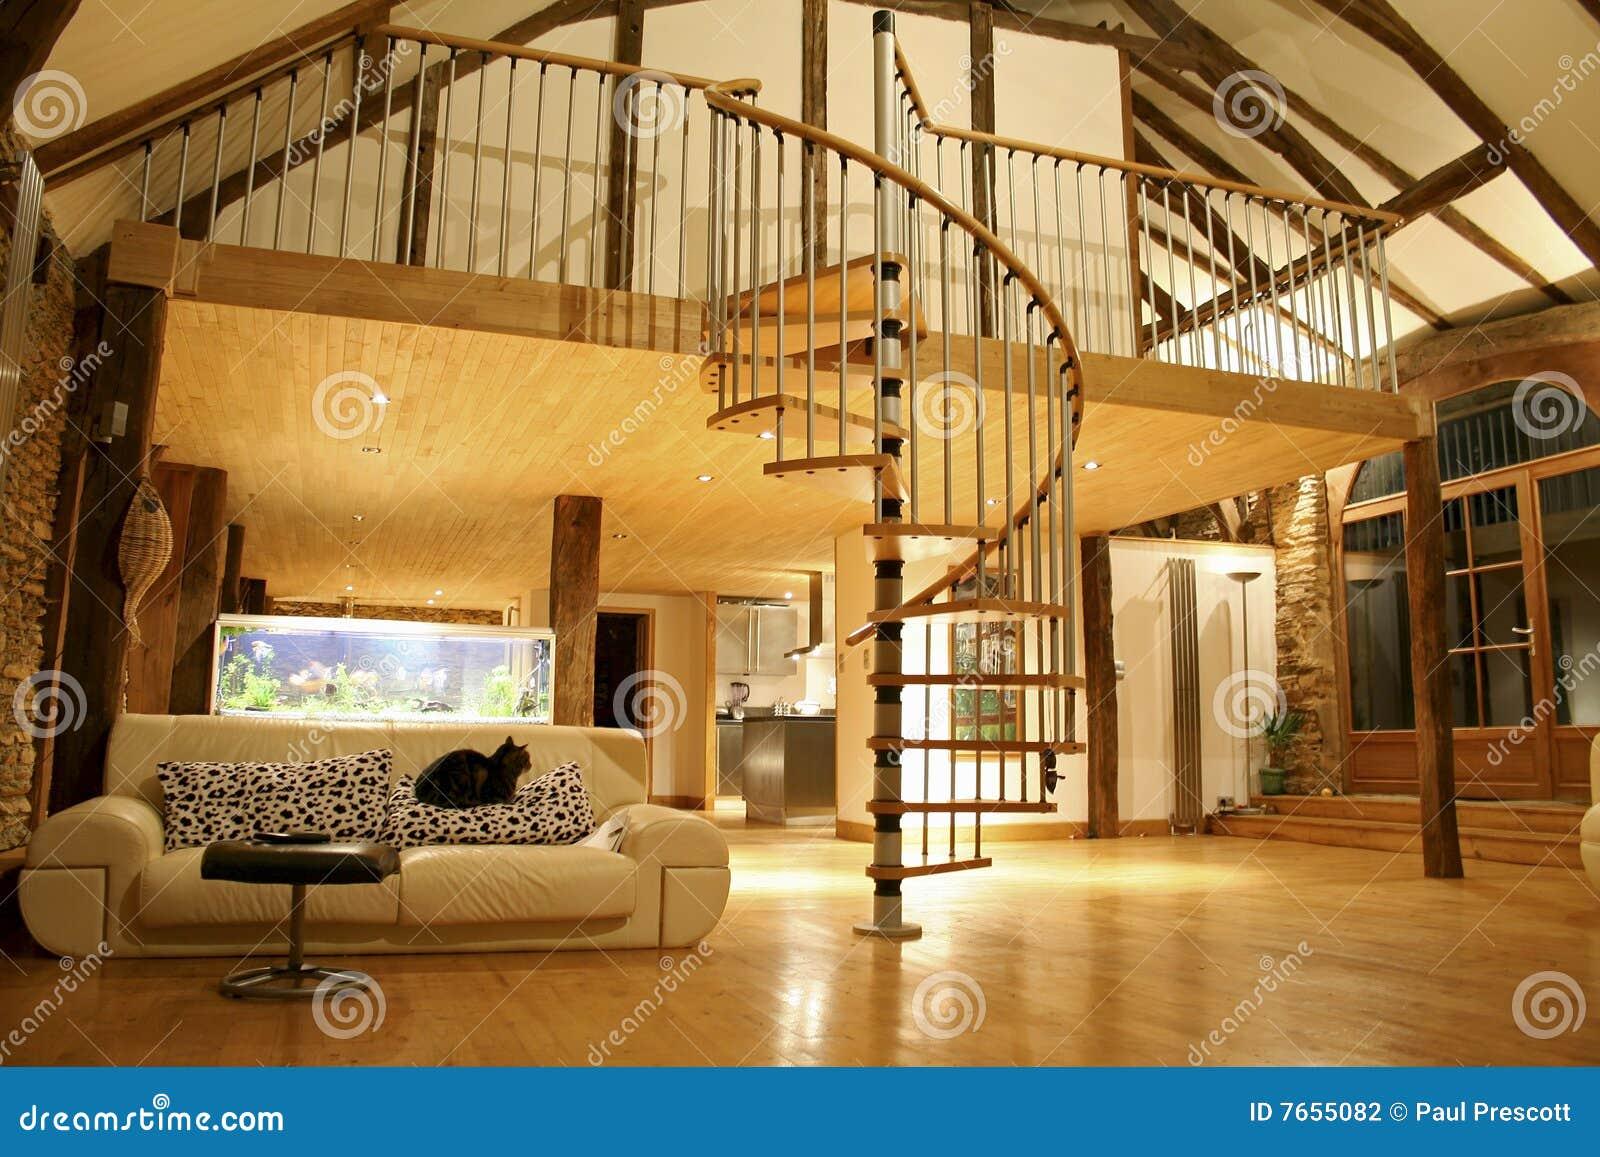 Cozy House Stock Photo Image Of Home Mezzanine Level